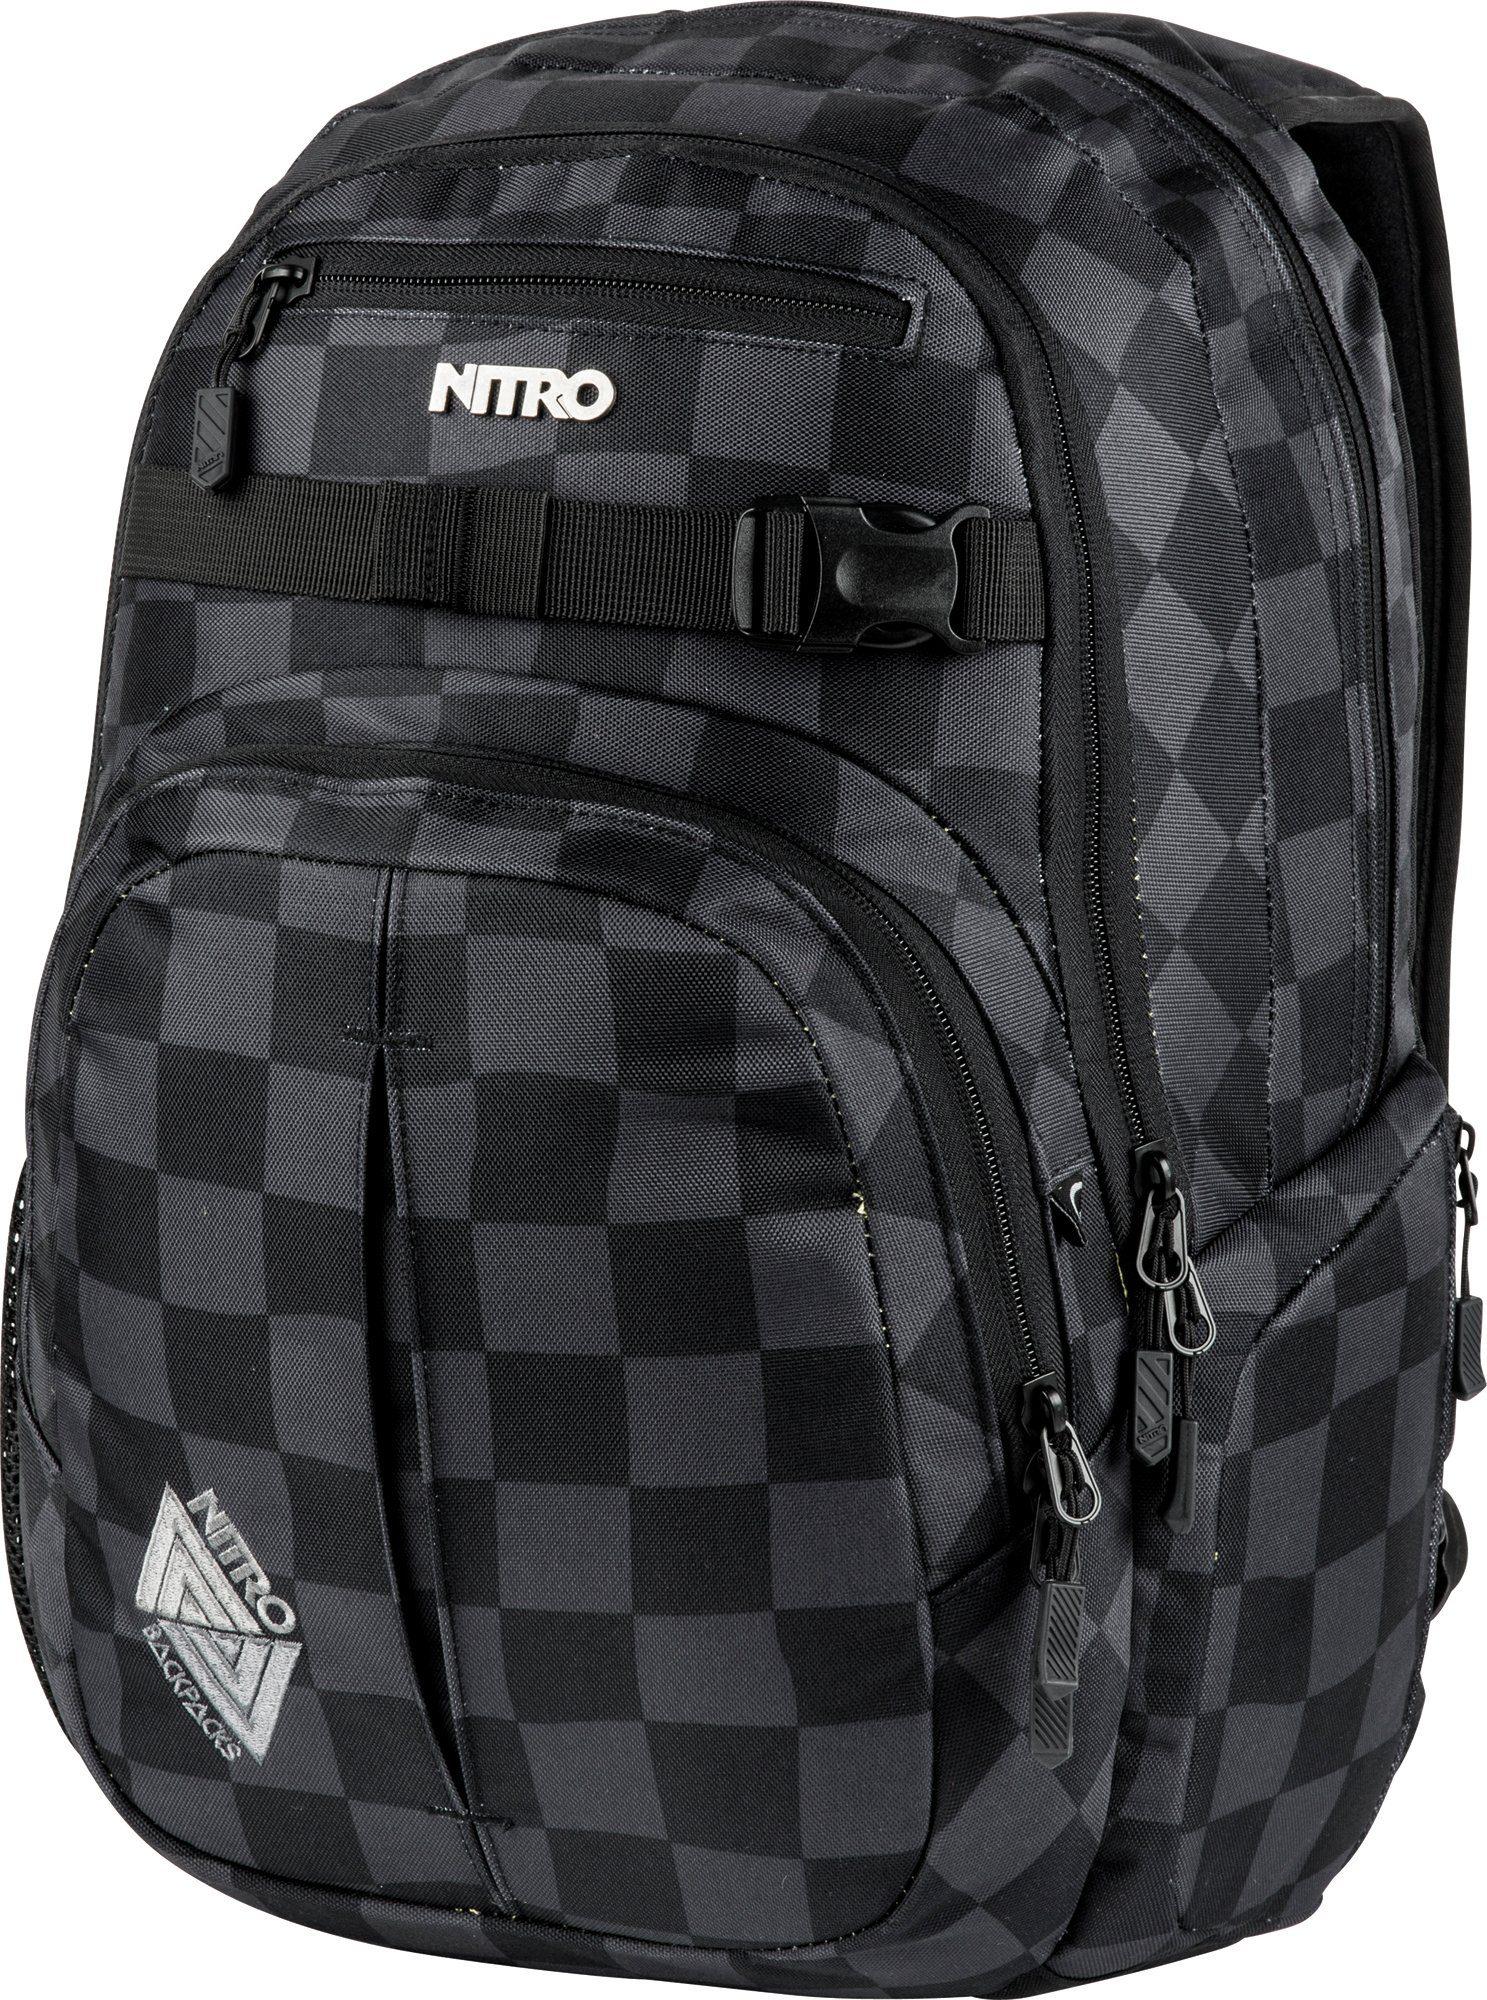 NITRO Schulrucksack »Stash Geo Green«, Trendiger Reise , Schul und Freizeitrucksack online kaufen | OTTO